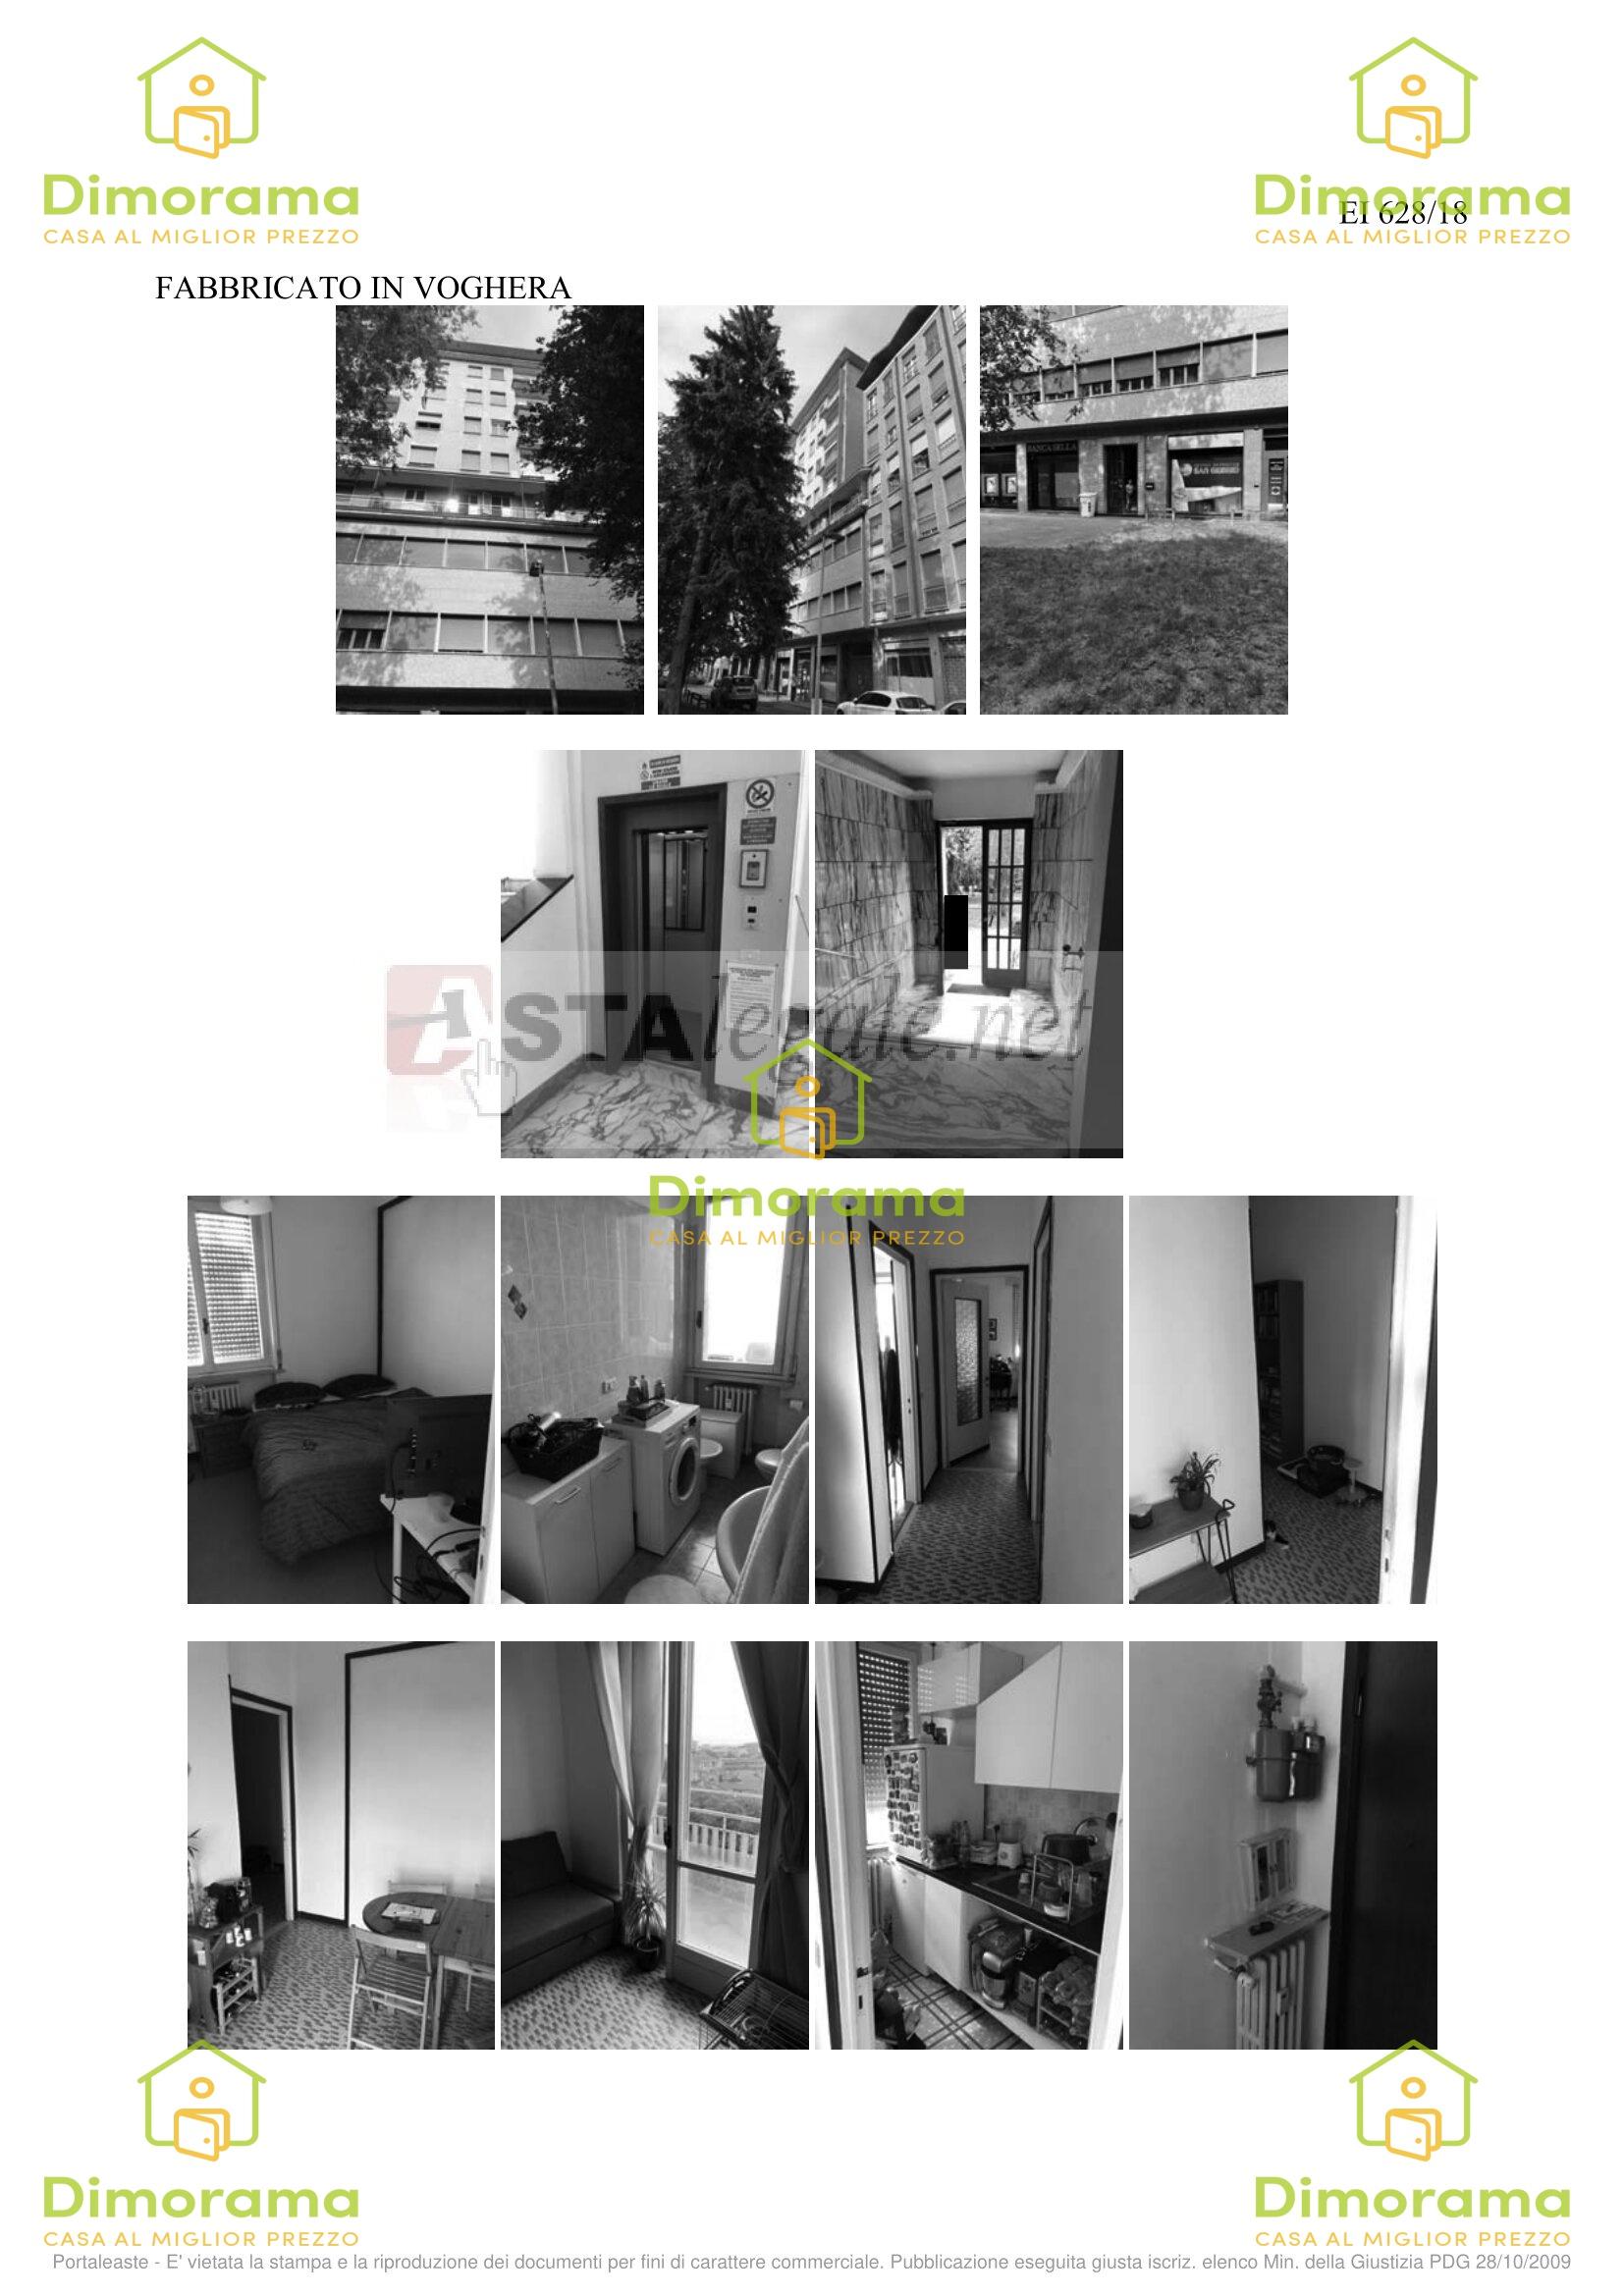 Appartamento in vendita a Voghera, 4 locali, prezzo € 52.150   CambioCasa.it